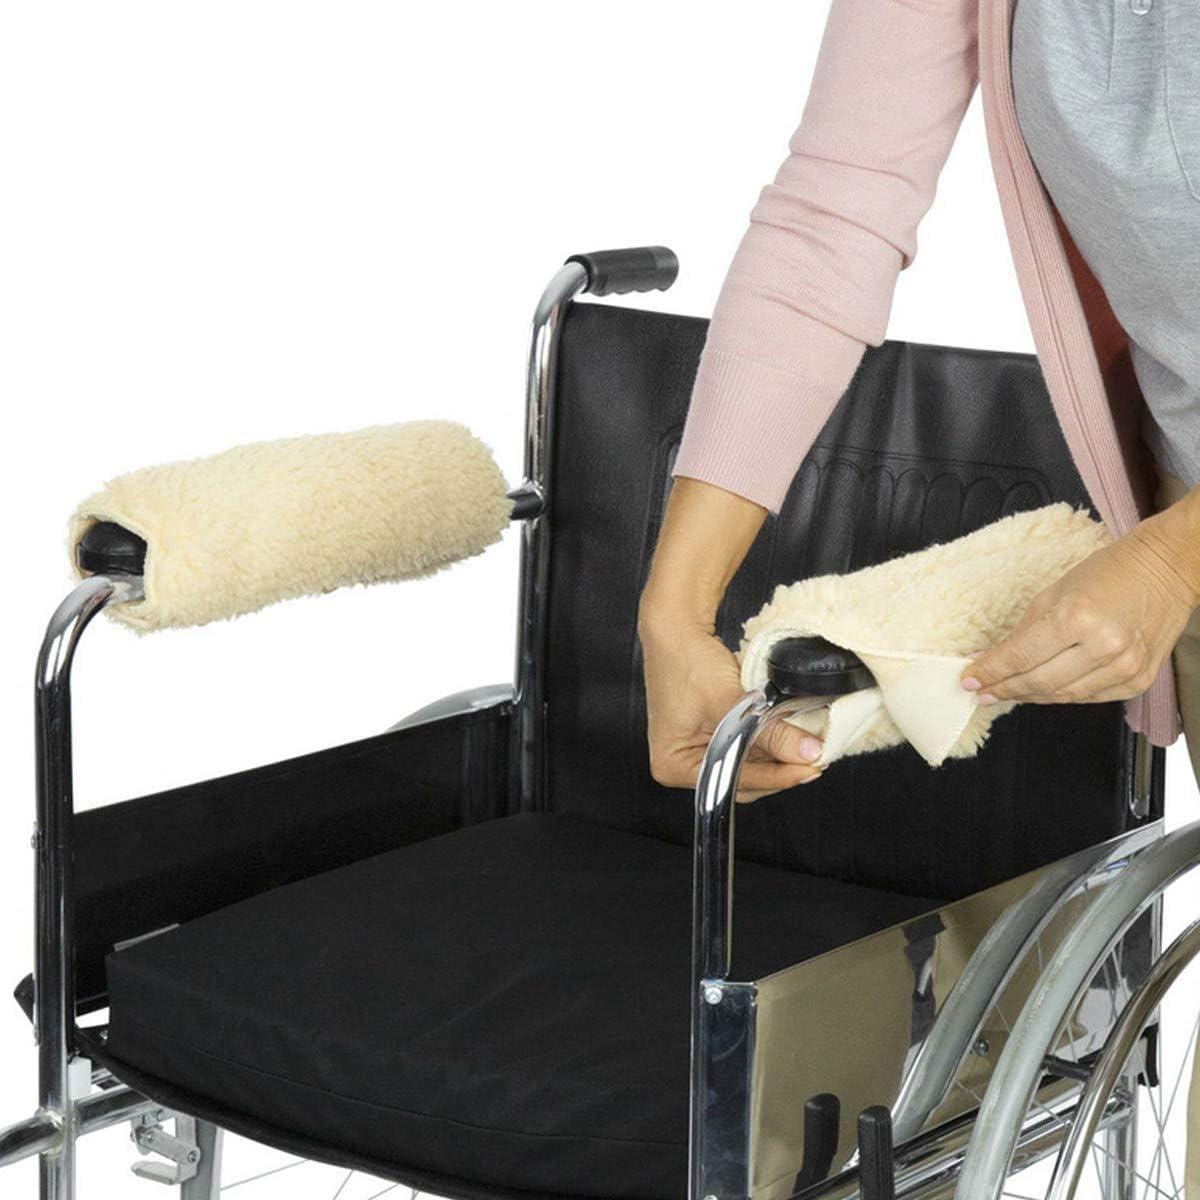 Funda para reposabrazos para silla de ruedas, 1 par, espuma viscoelástica de piel de oveja para personas mayores, cojín de apoyo suave para reposabrazos, alivio de presión acolchado (blanco)